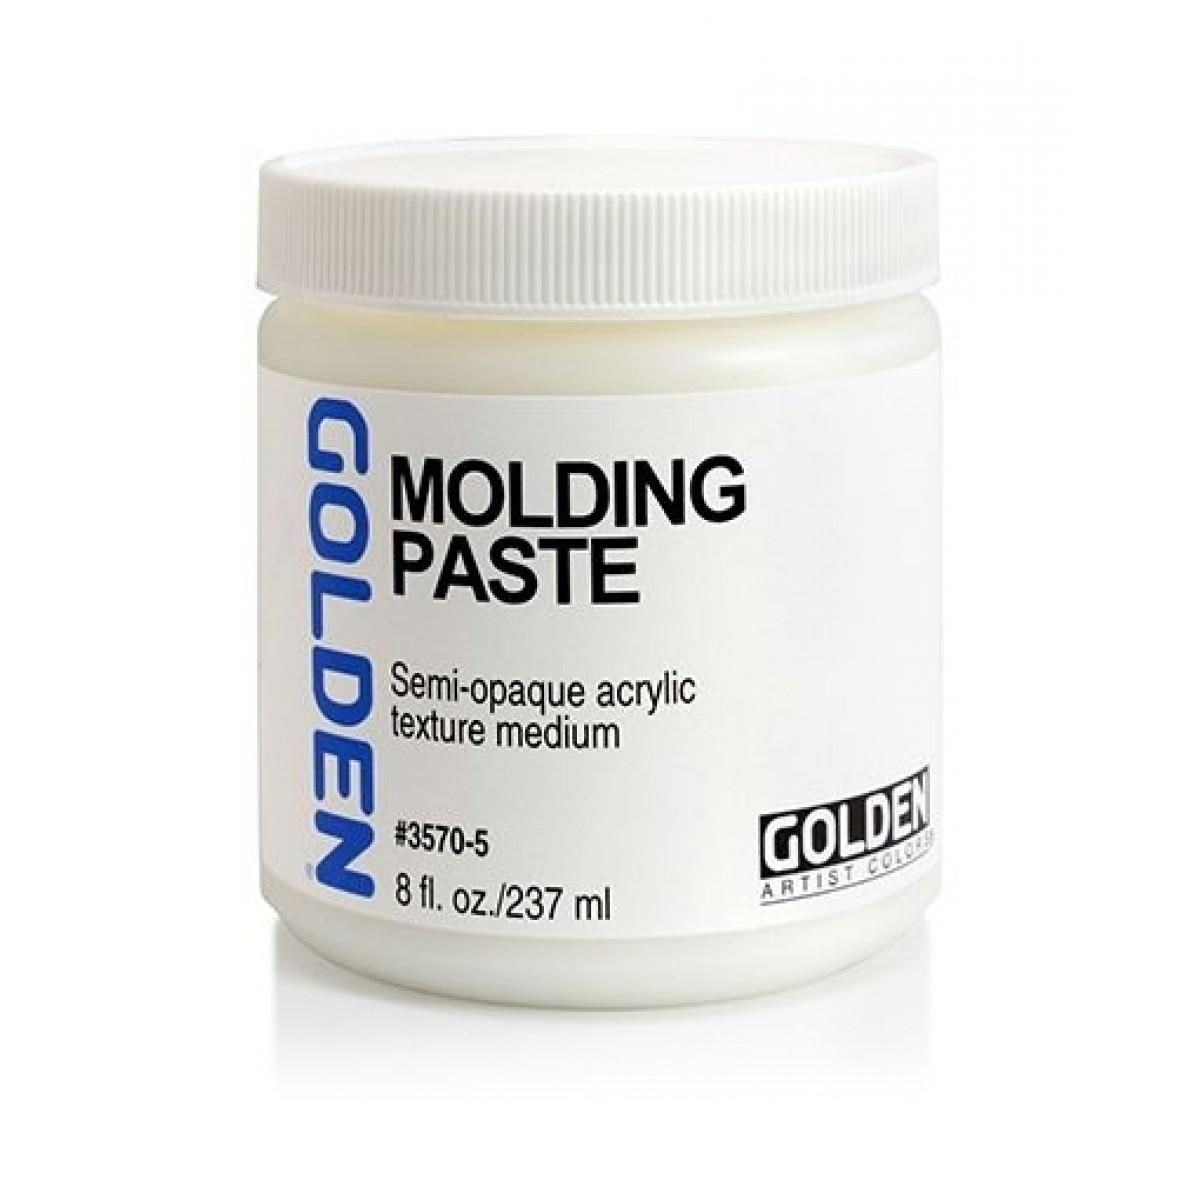 GOLDEN Molding Paste, 237 ml